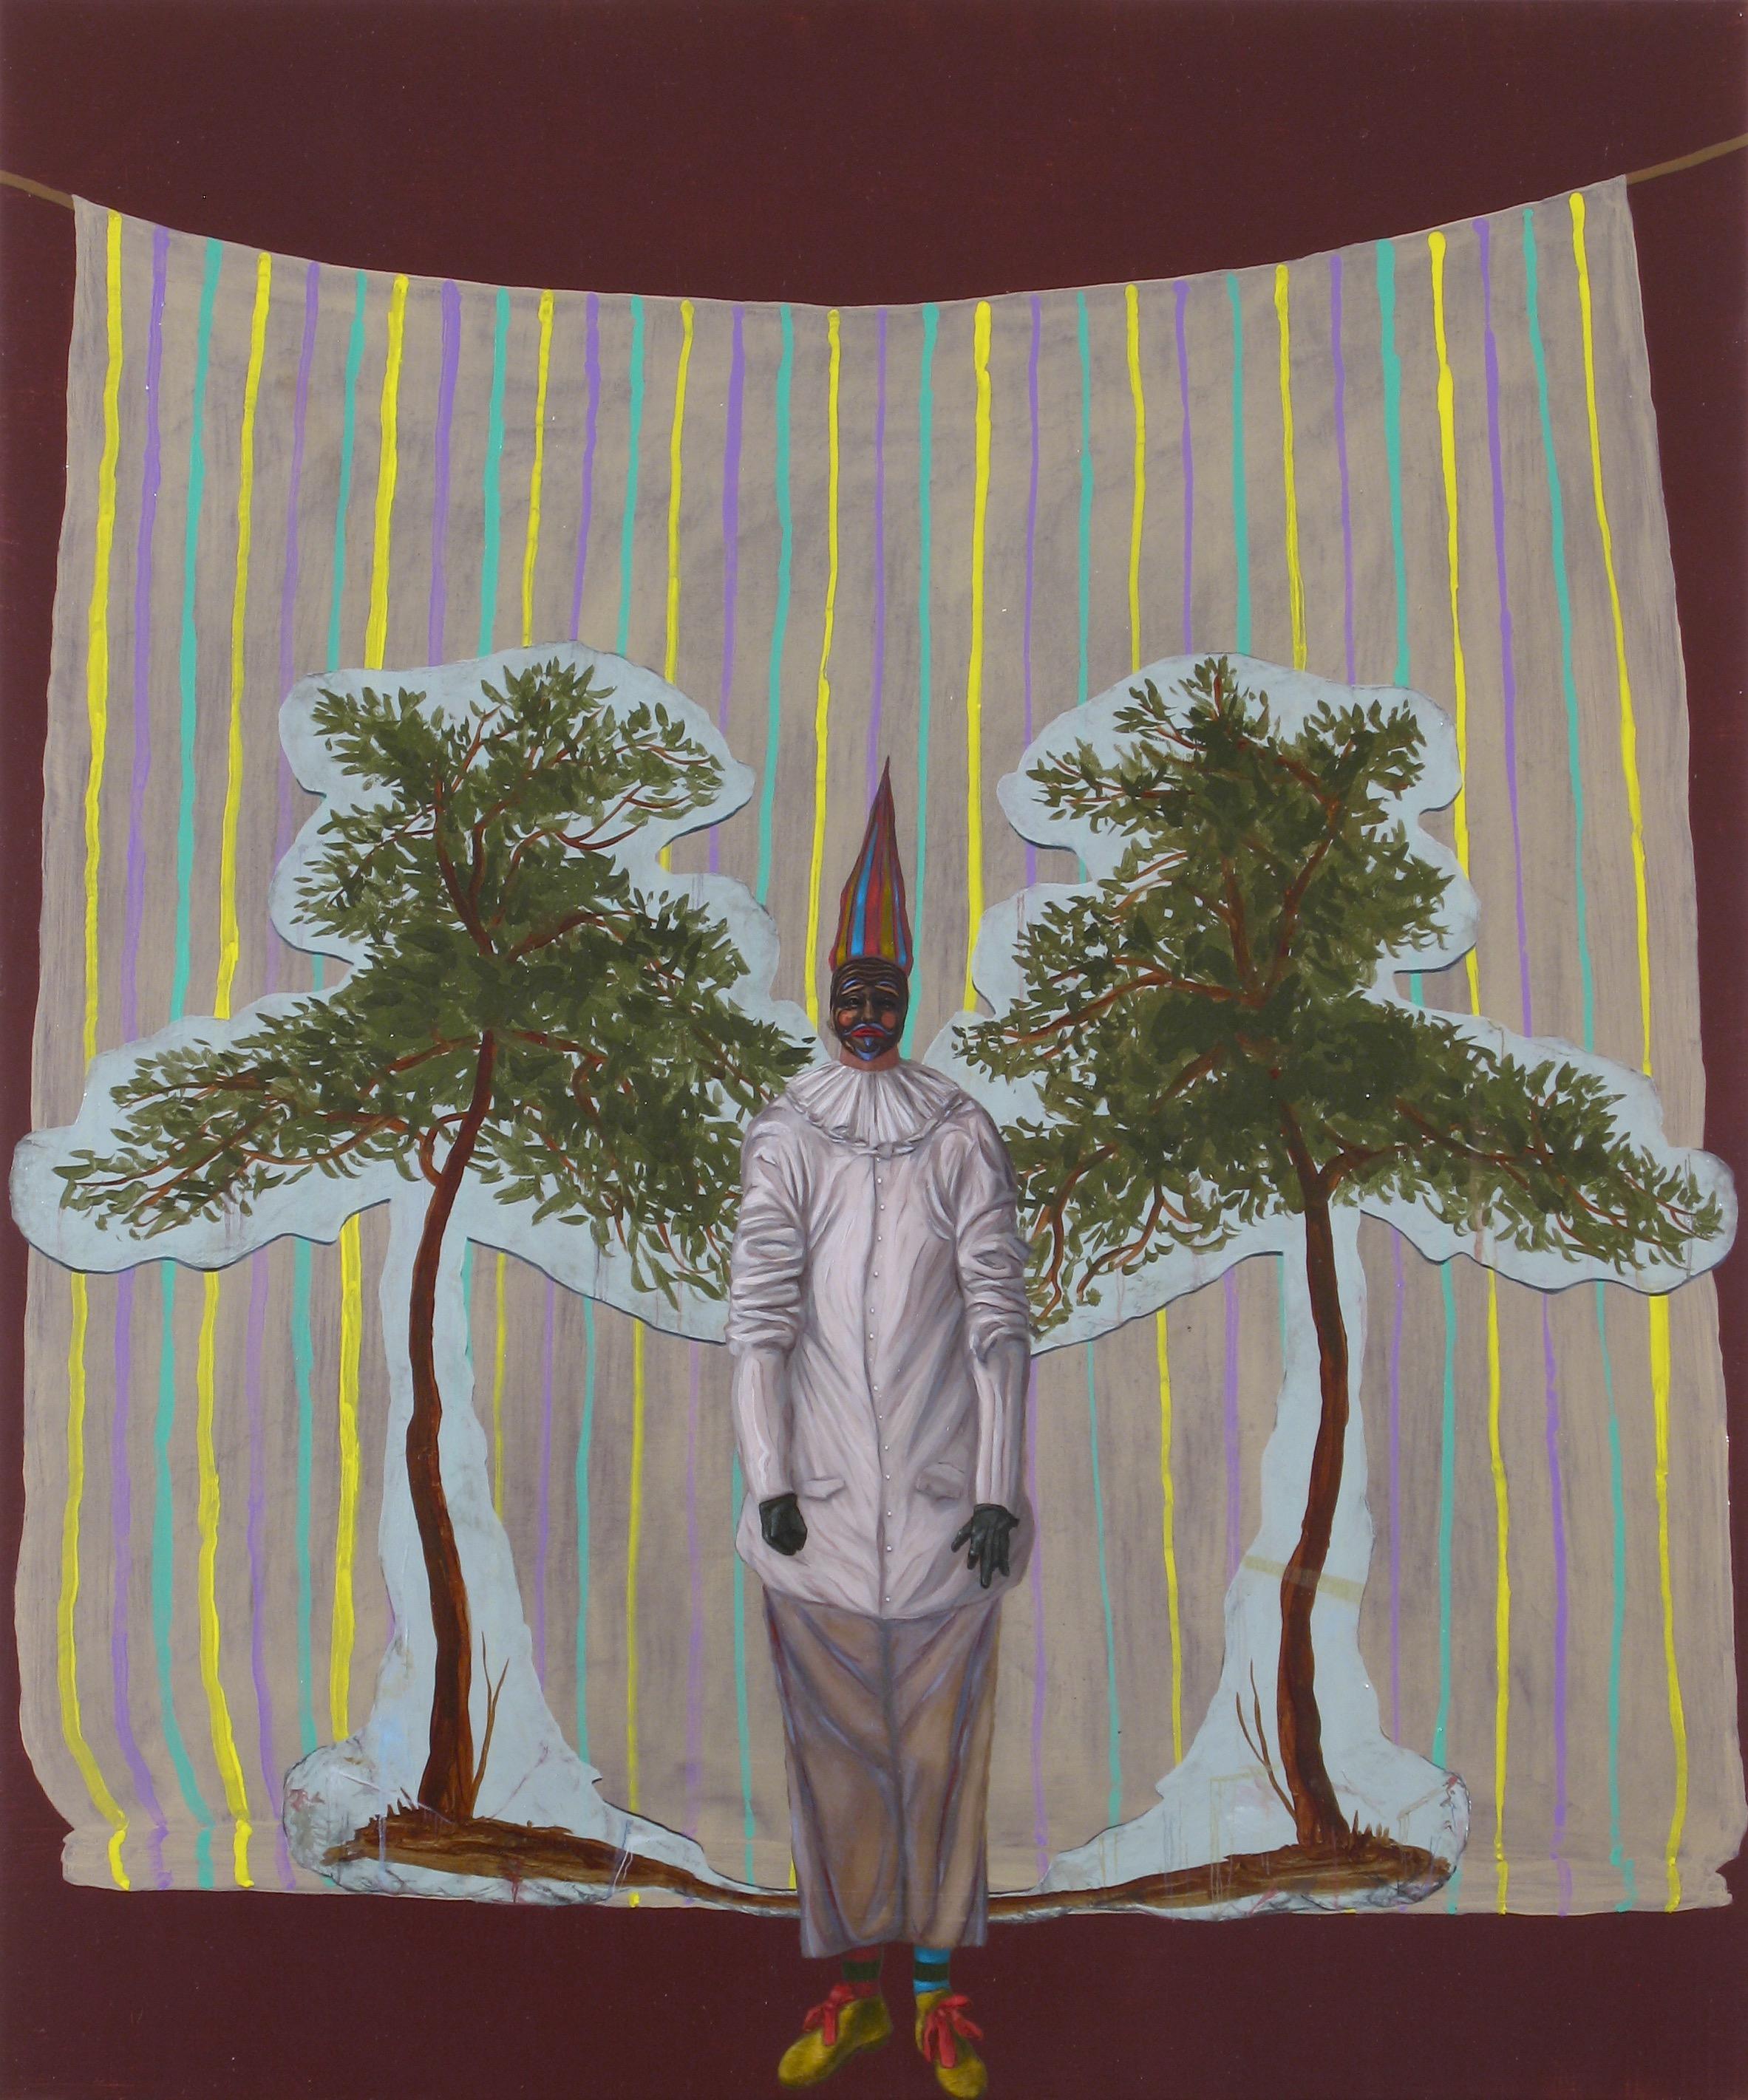 On Tour (The White Clown), Oil on wood panel, 50x60cm, 2008